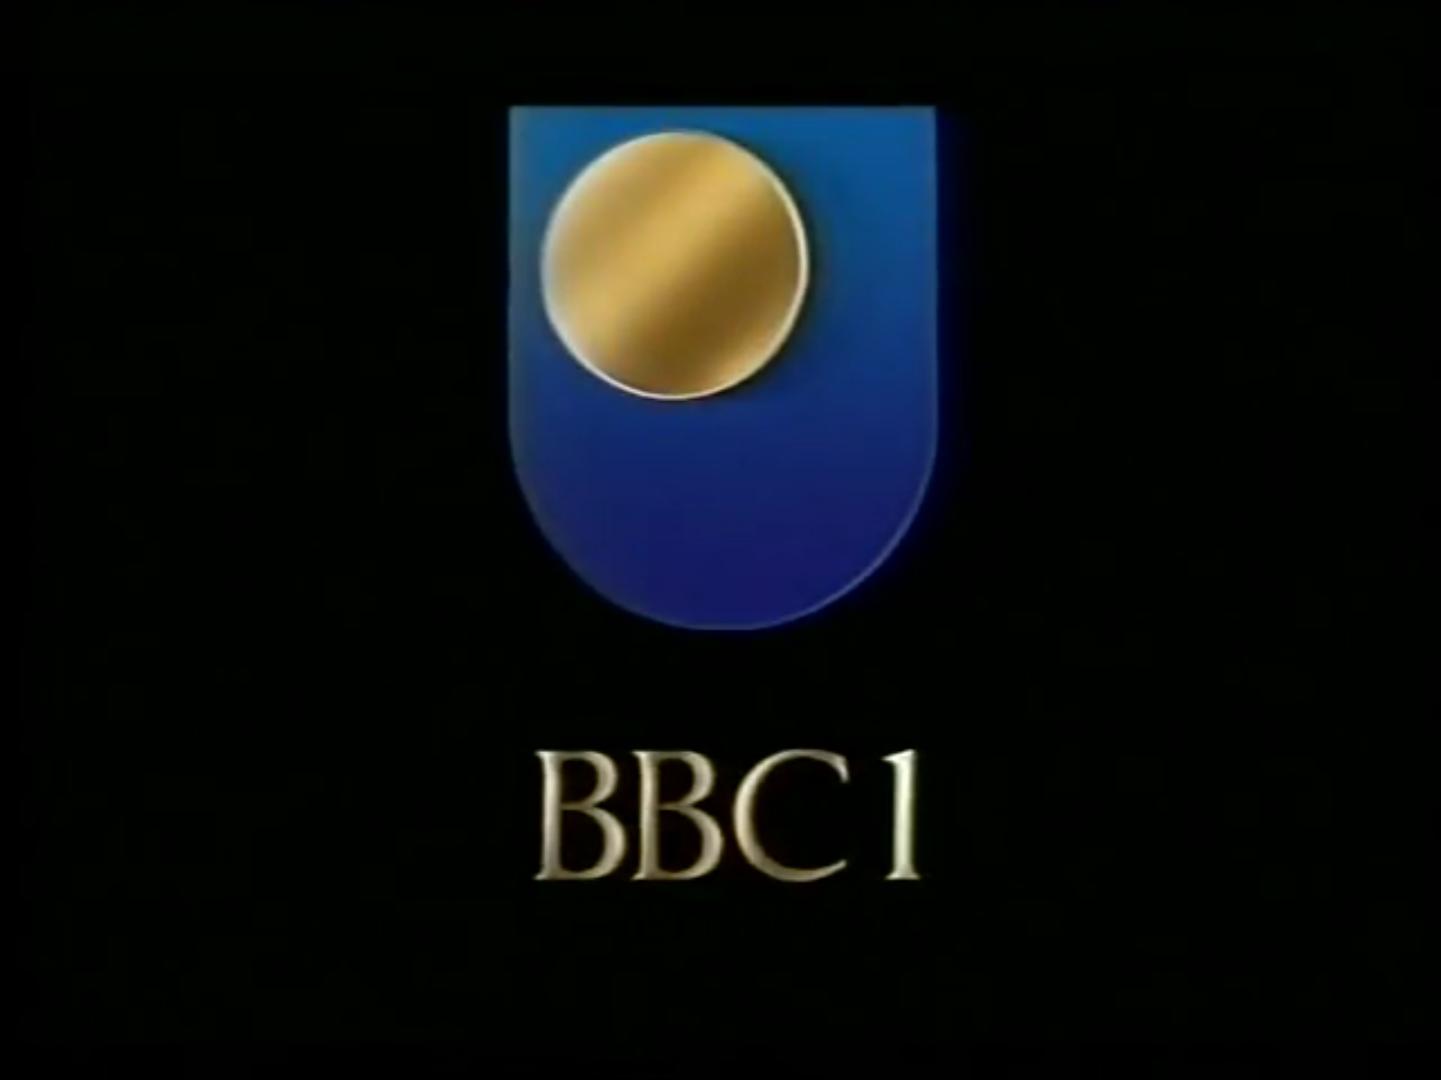 BBC Open University Ident 1990s